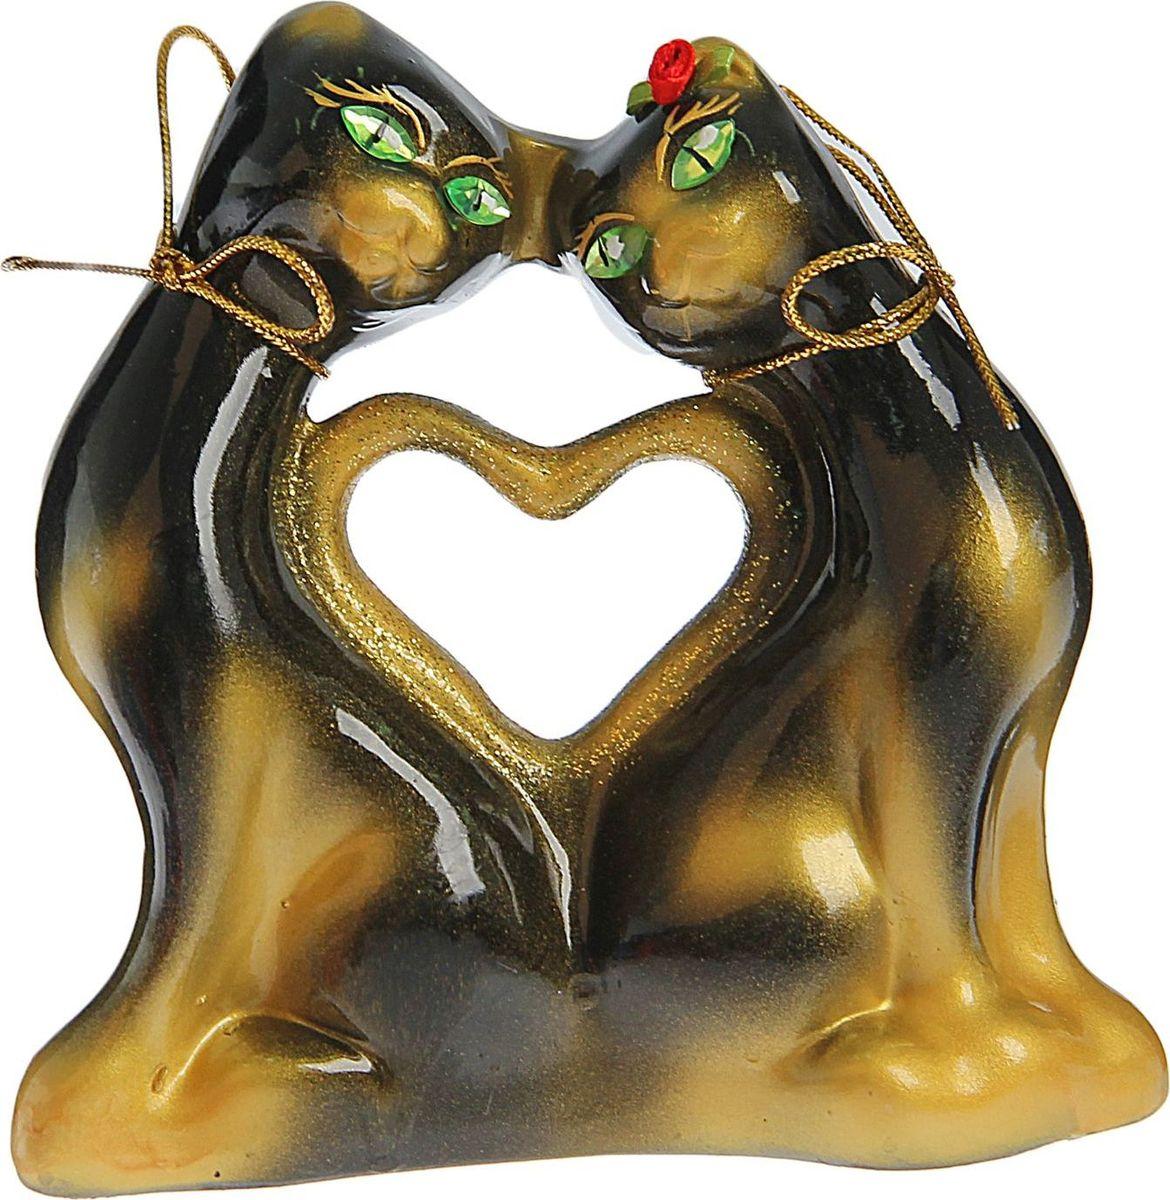 Копилка Керамика ручной работы Котики с сердцем, 5 х 16 х 16 см1528538Помните, как порой бывают необходимы не очень большие средства на какое-то нужное и важное дело, но они отсутствуют? Забудьте. В тот момент у вас не было копилки, которая помогла бы в сбережении денег. Изделие в виде котов поспособствует изгнанию злых духов из дома и защищает от сглаза. Кот символизирует домашний уют, тепло семейных отношений, психологический и эмоциональный комфорт.